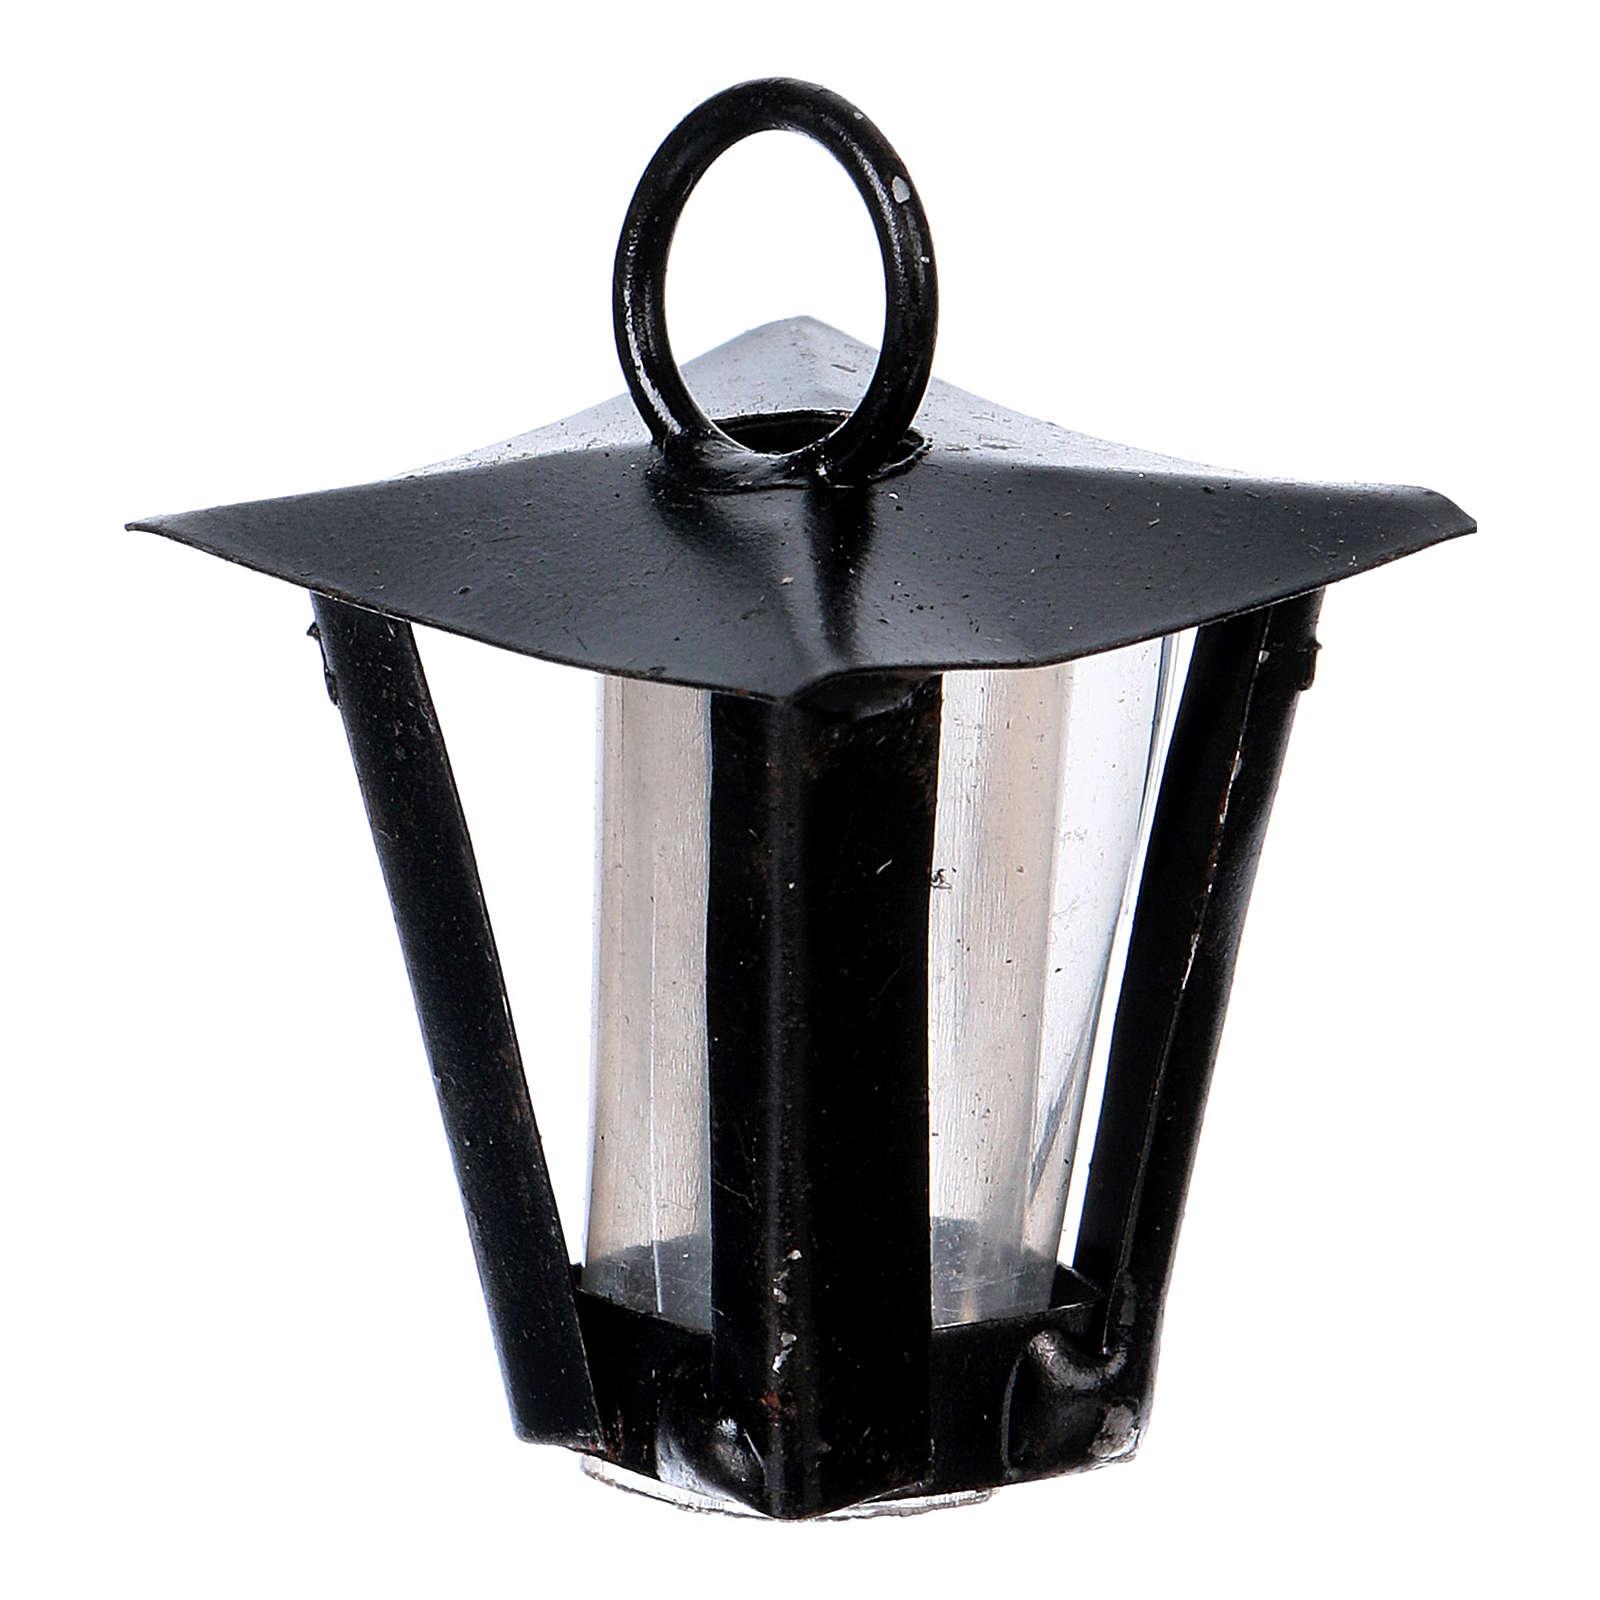 Lanterne bricolage crèche h réelle 2,5 cm 4